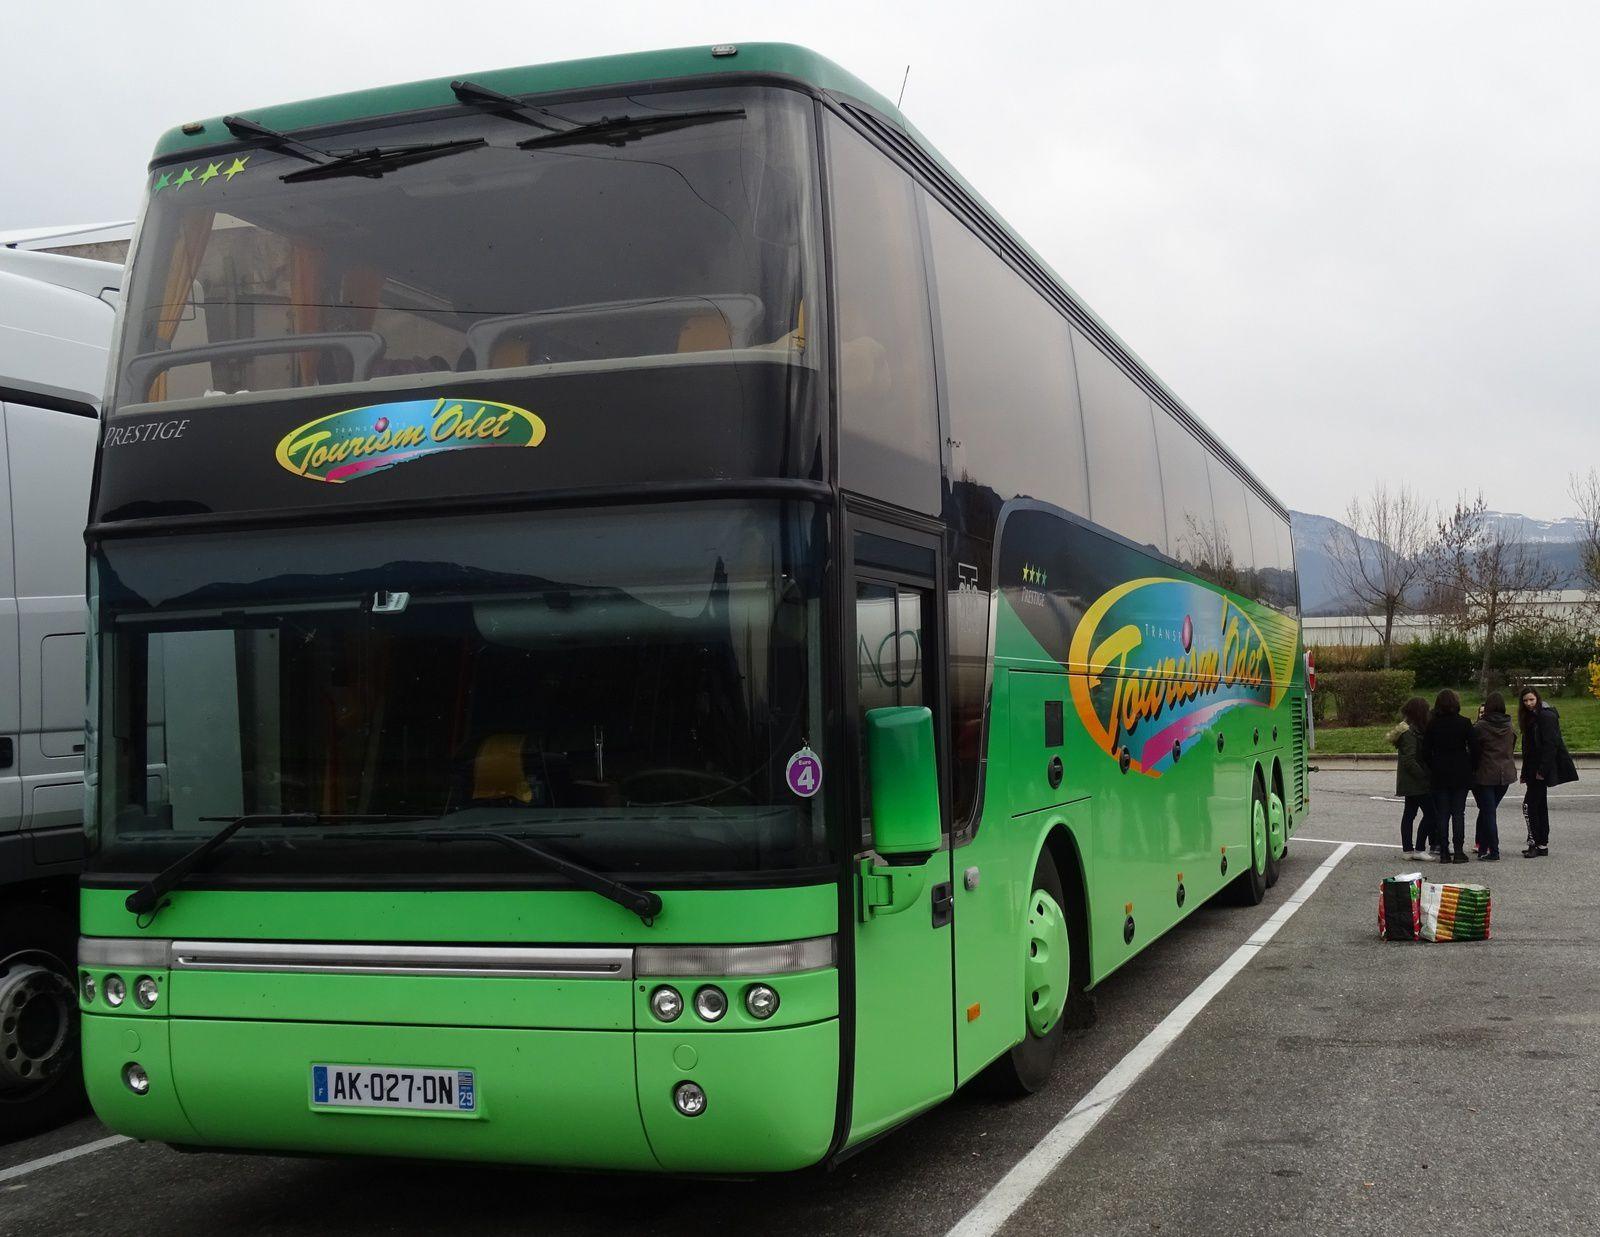 29-30-31 mars 2014 : de Brest à Livourne